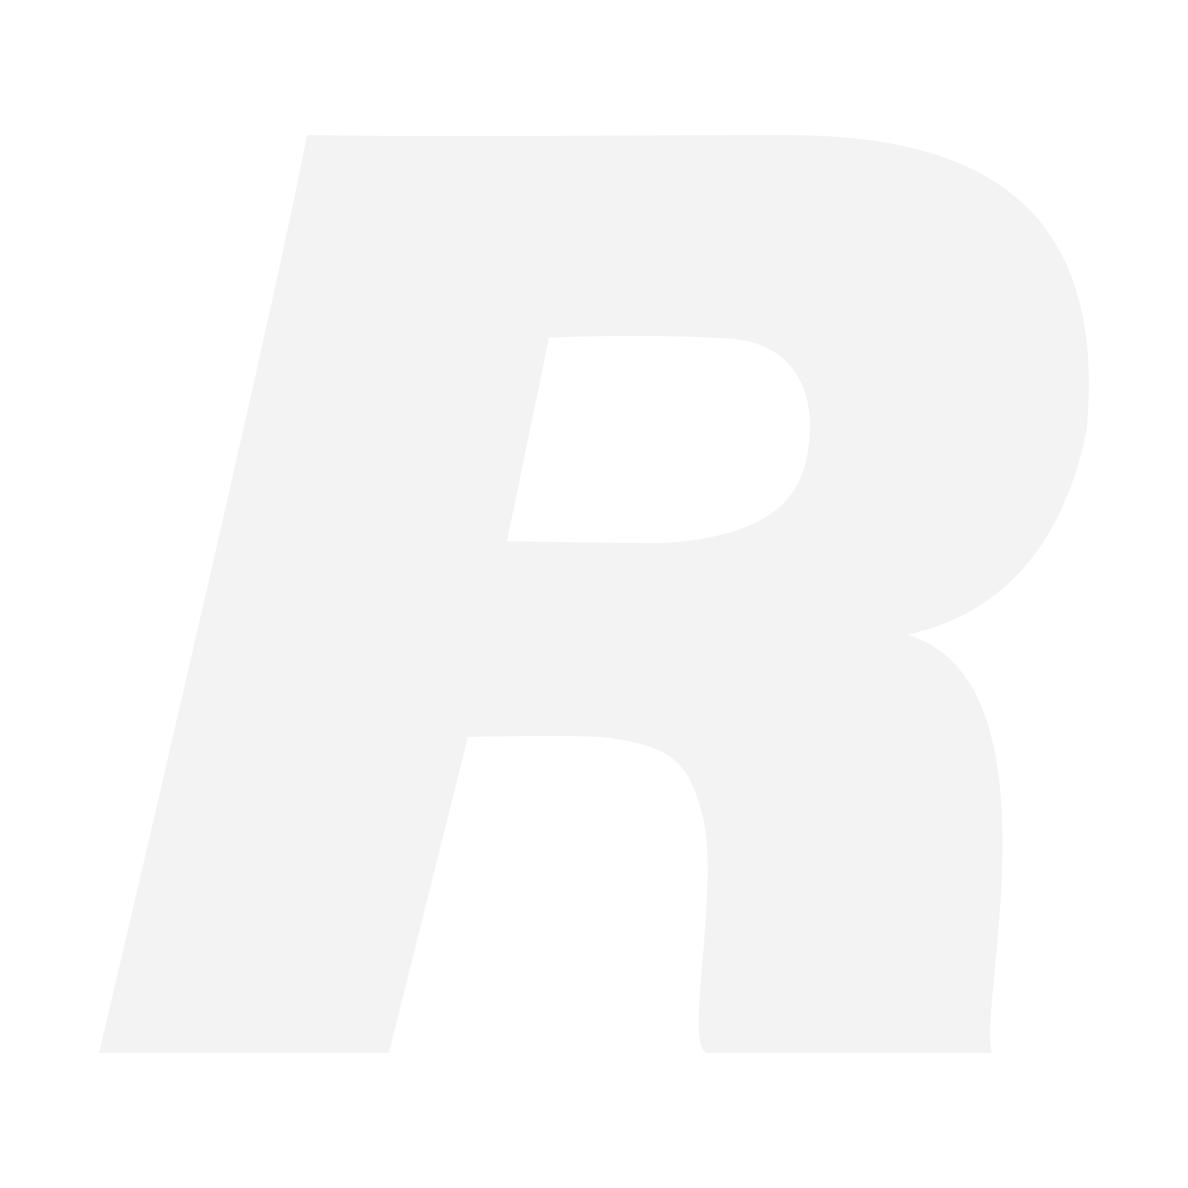 Sandisk Cruzer 64GB Blade